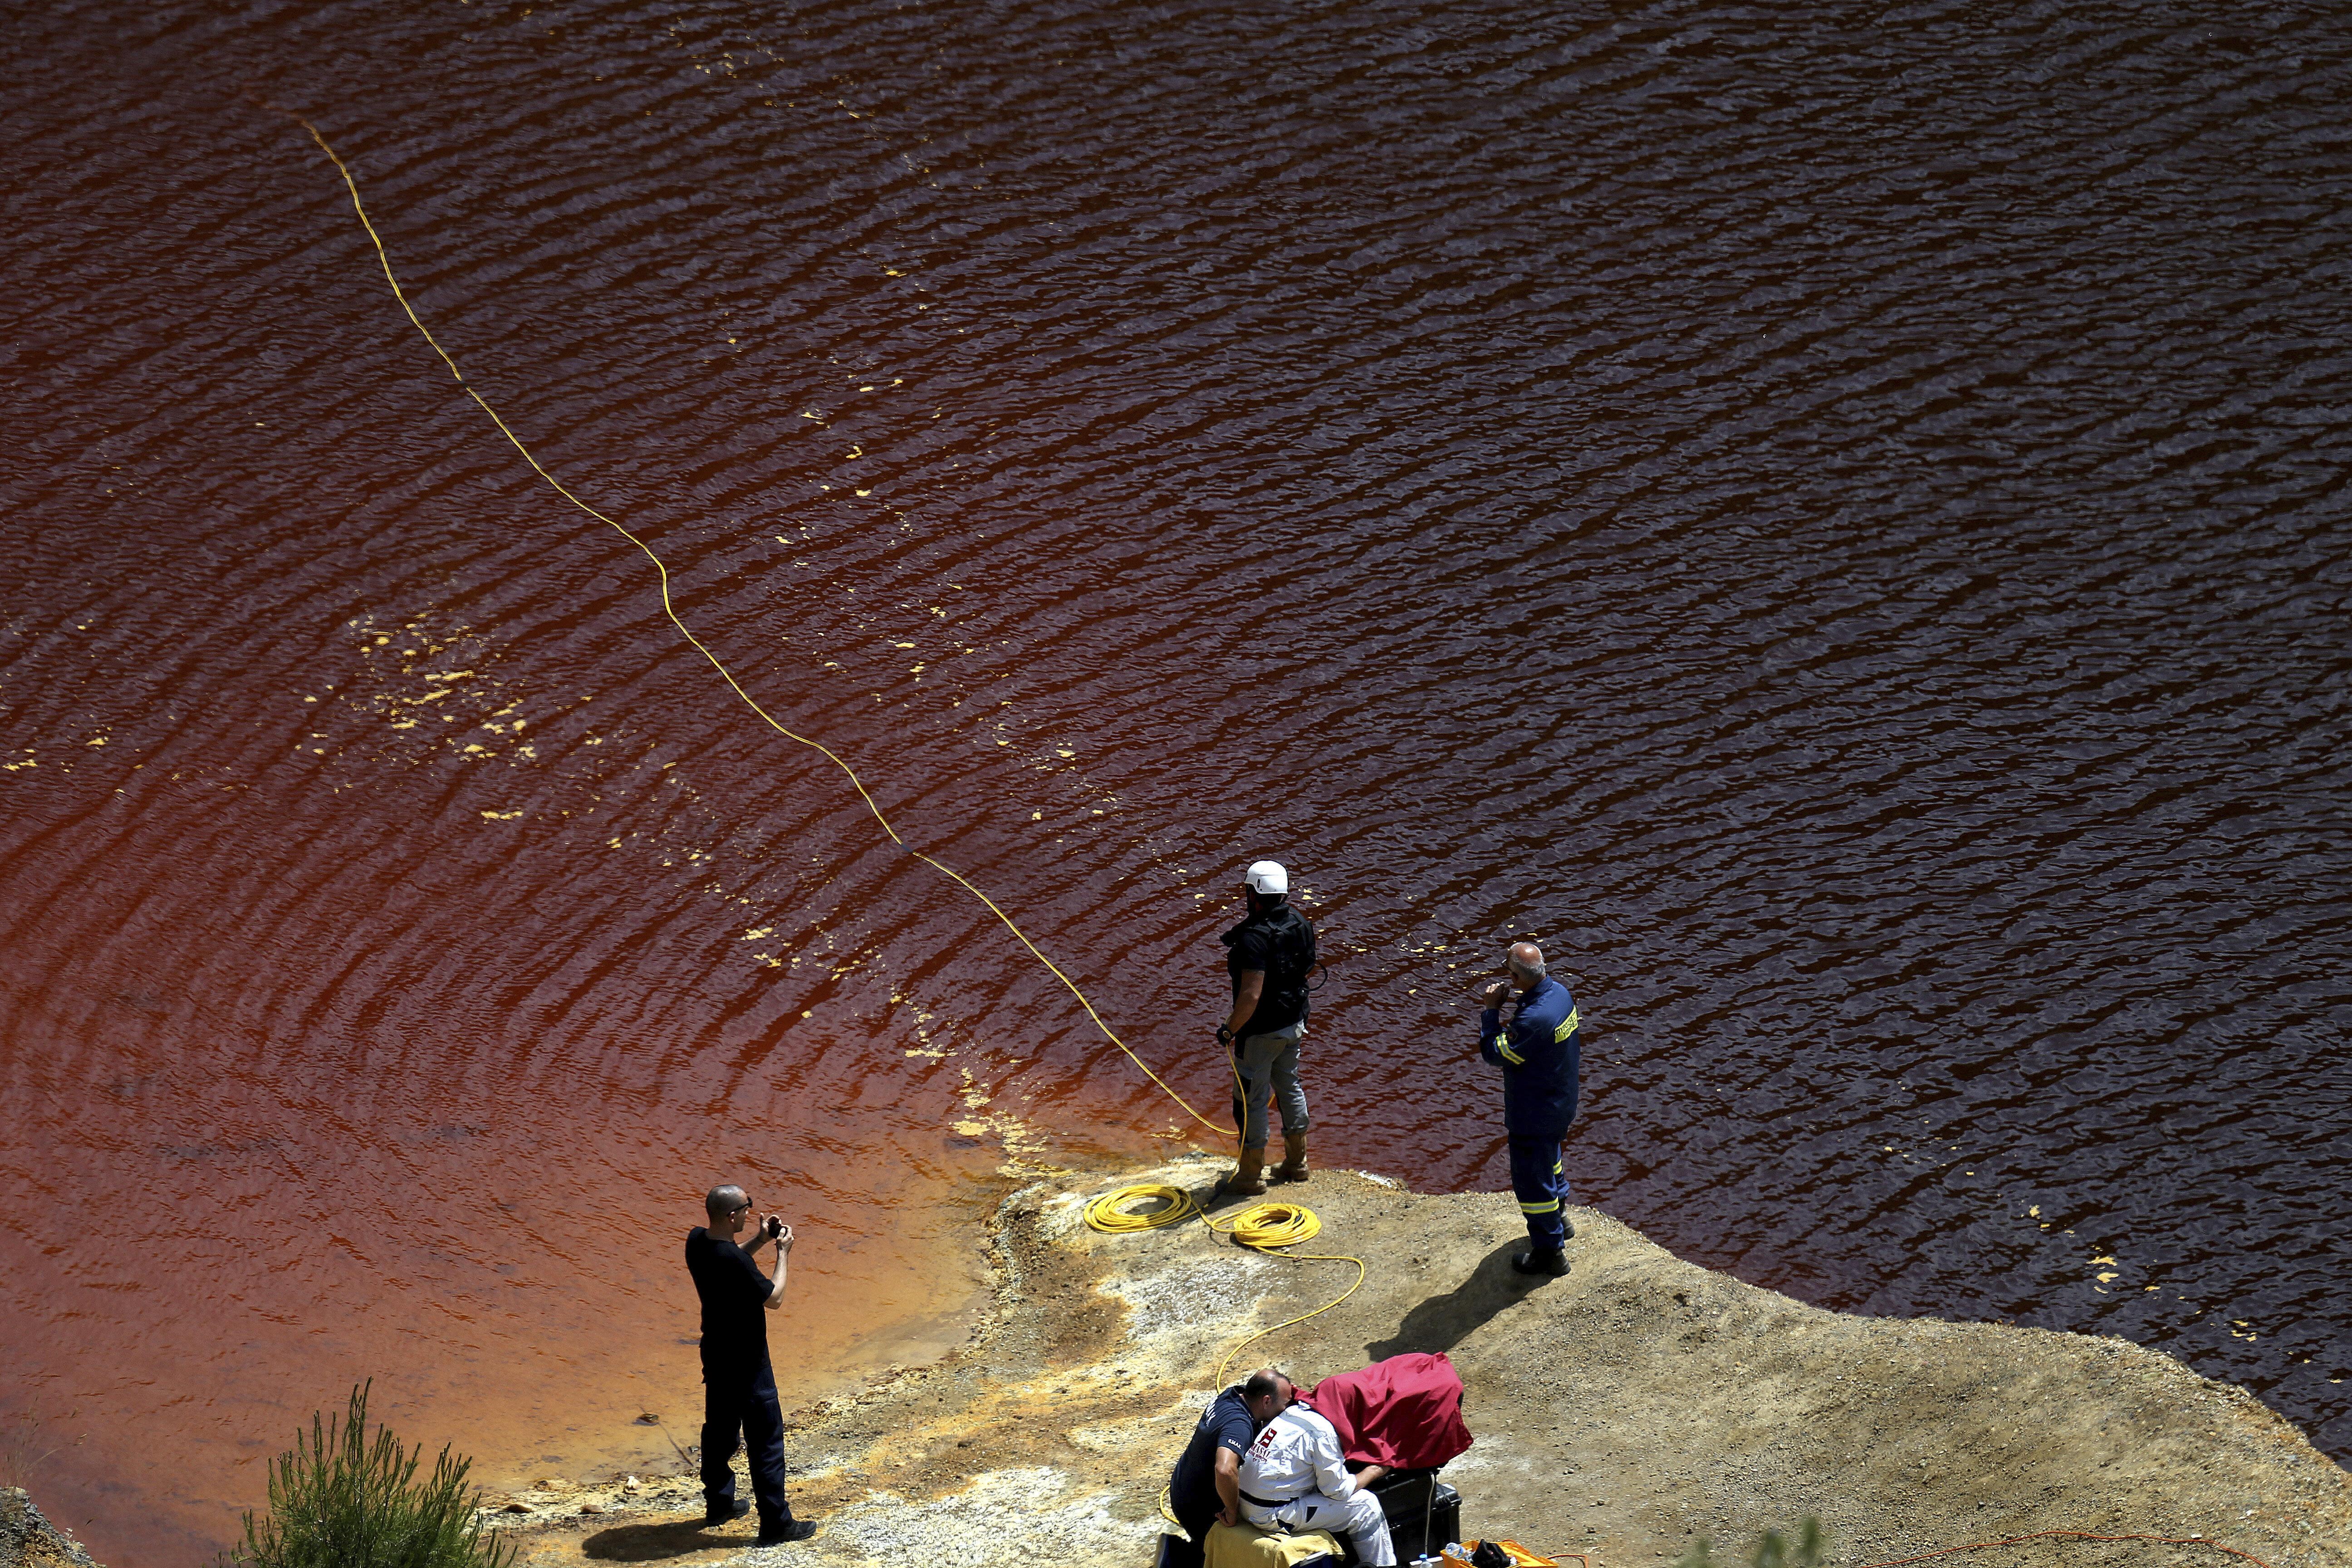 Κύπρος: Θρίλερ με βαλίτσα στην κόκκινη λίμνη - Στο σημείο και ο serial killer